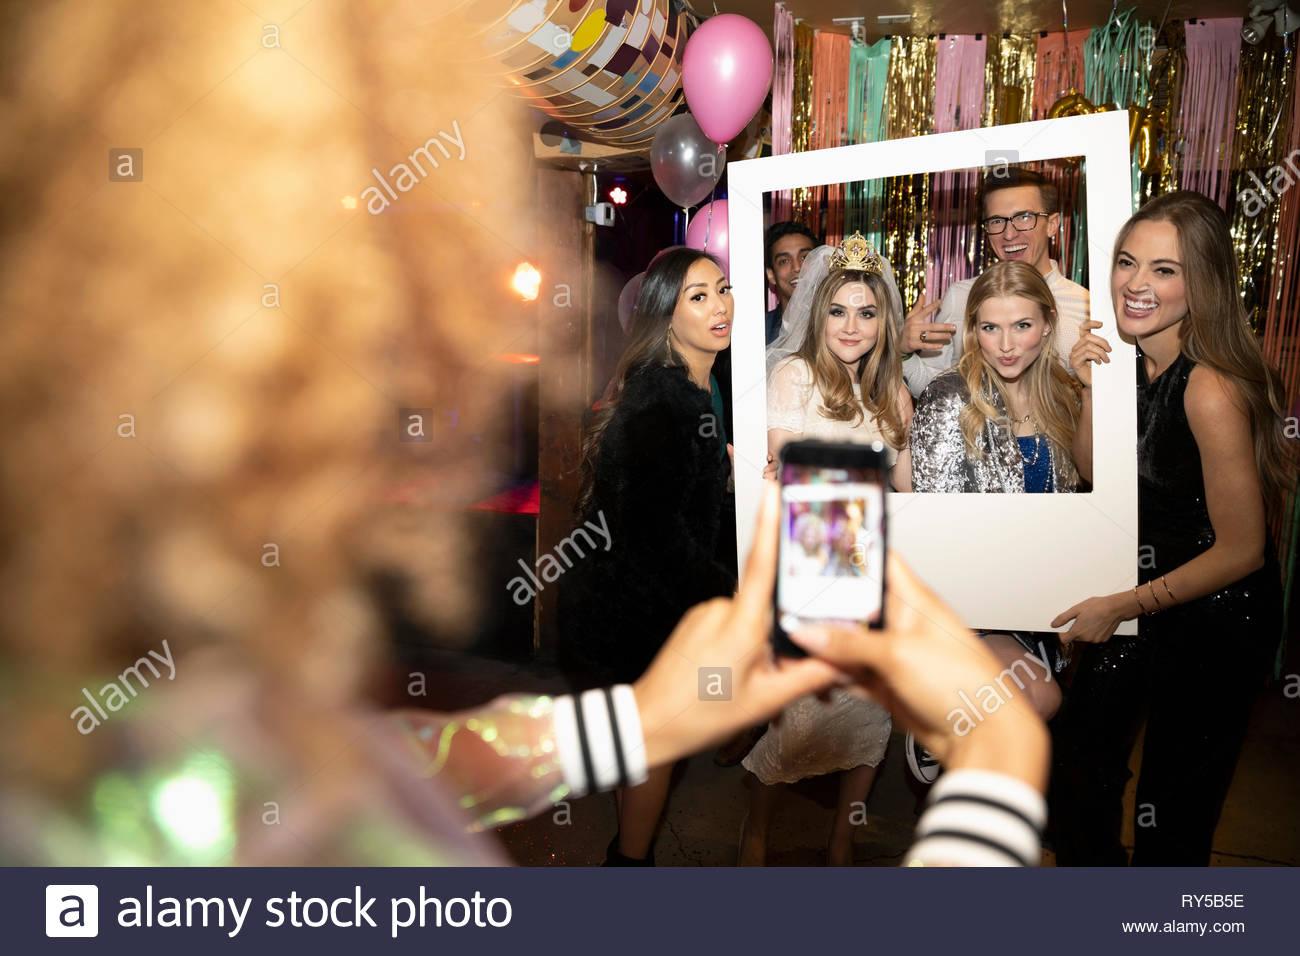 Donna con la fotocamera del telefono a fotografare gli amici creando per il Photo Booth a parte Immagini Stock